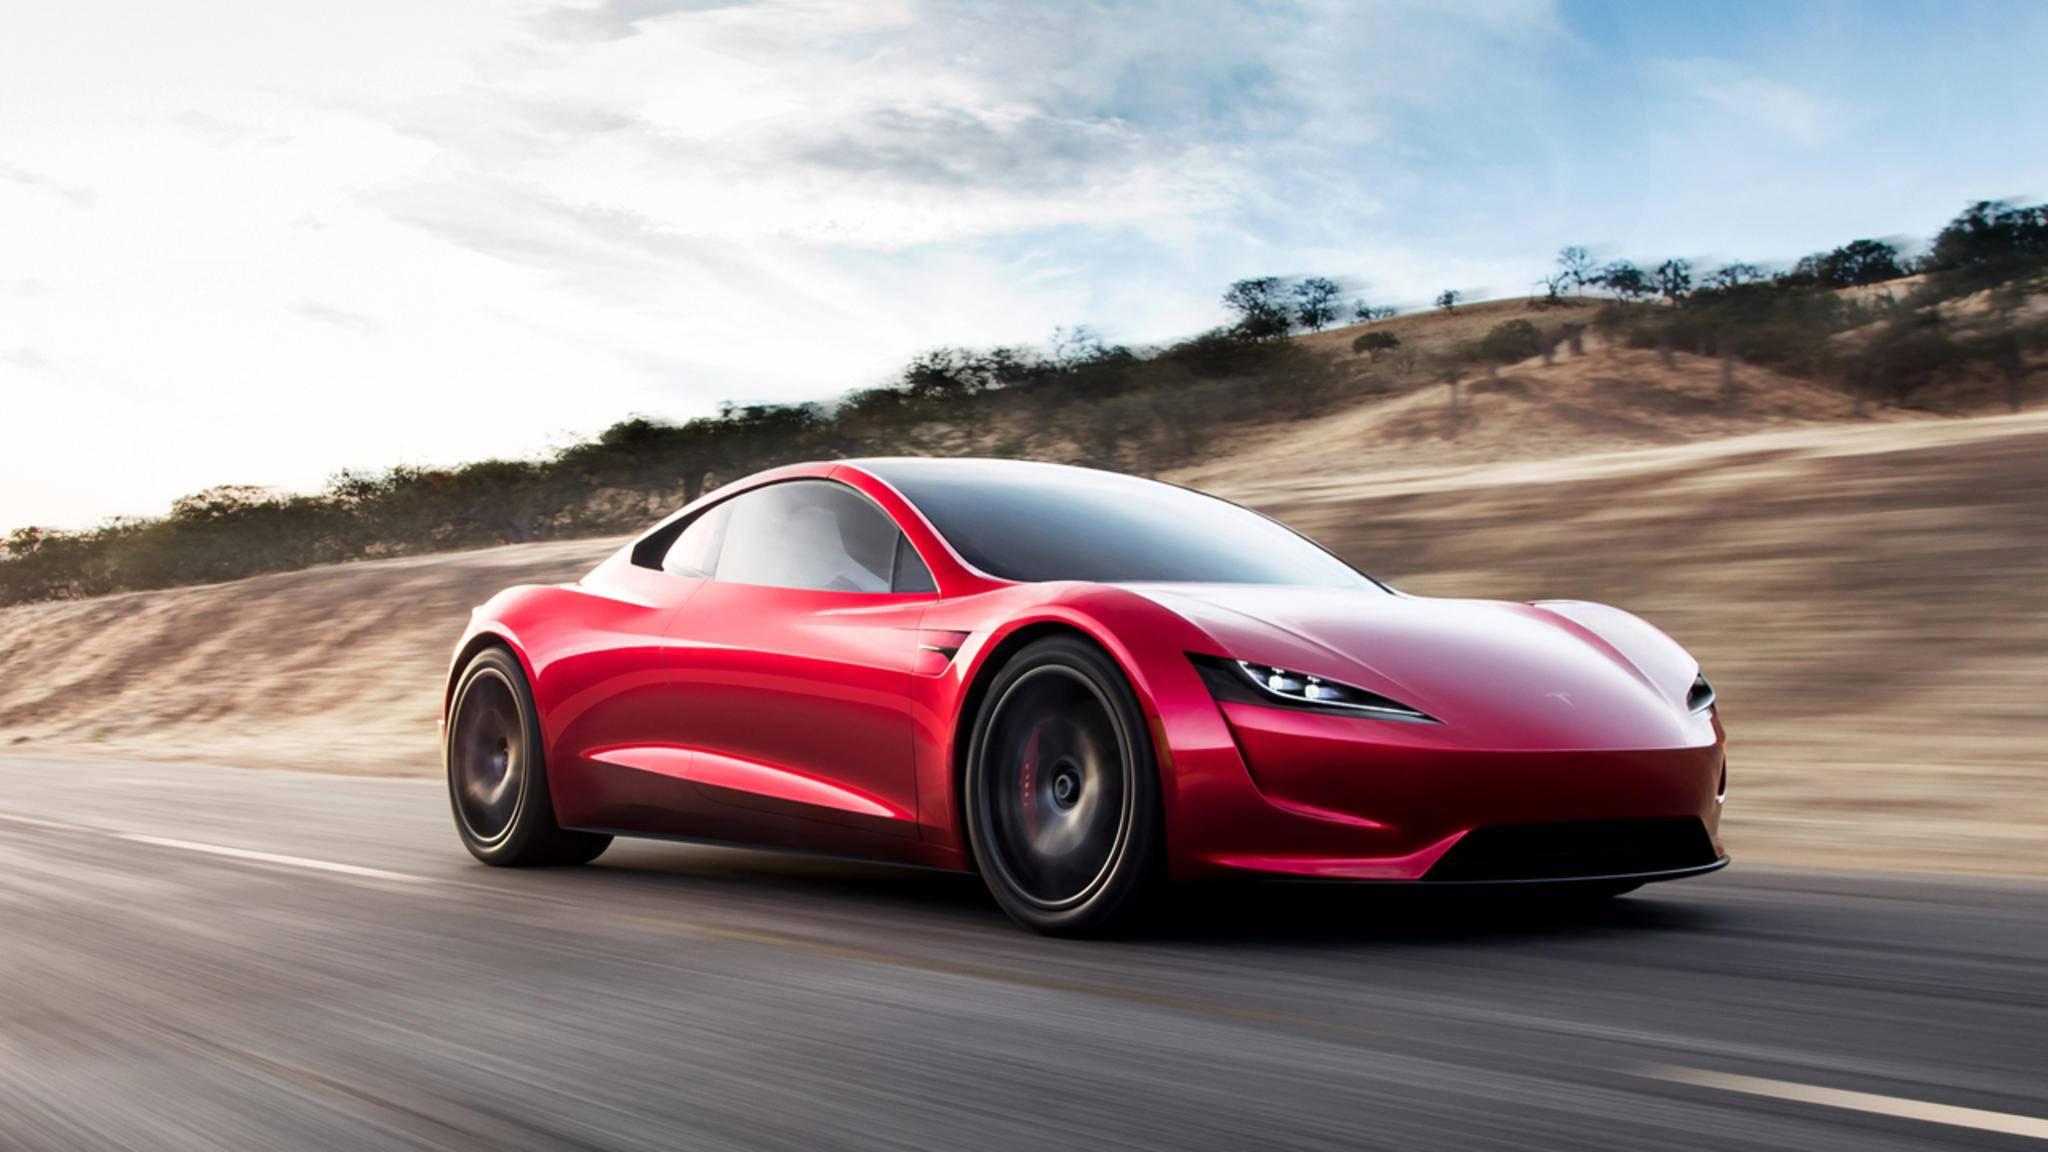 Elektroautos können auch sportlich – das will der neue Tesla Roadster ab 2020 unter Beweis stellen.